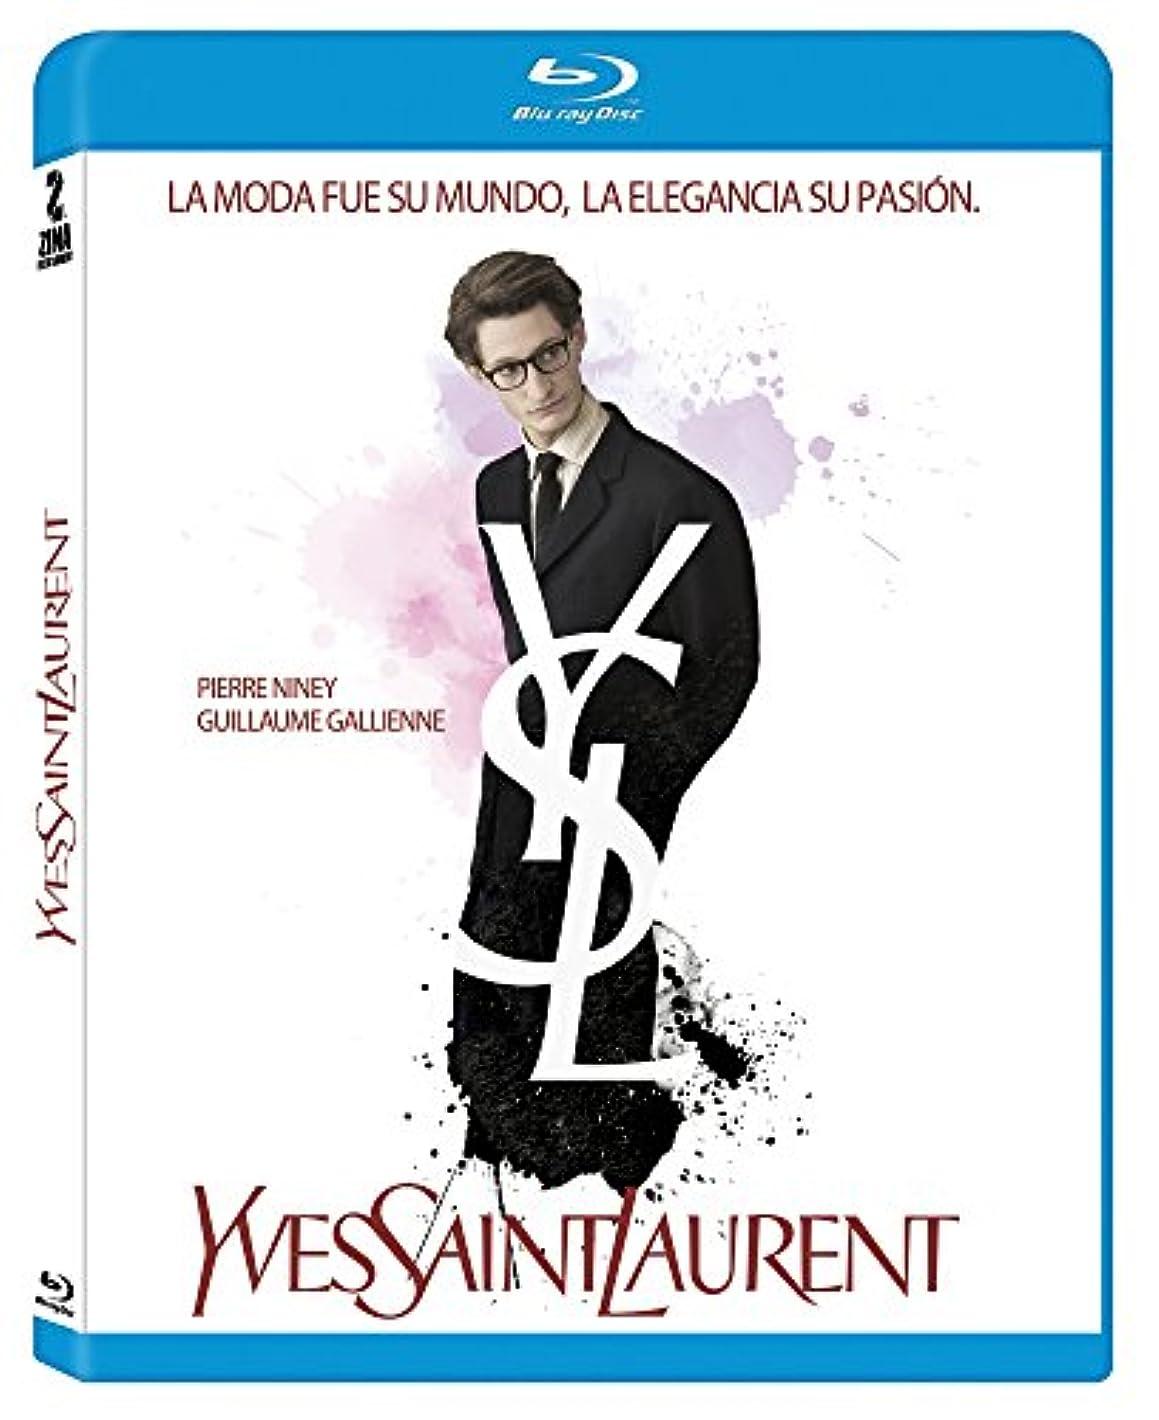 ムスタチオ誠実ギャロップYves Saint Laurent Movie Blu Ray (Multiregion) (French Audio with Spanish Subtitles / No English Options)